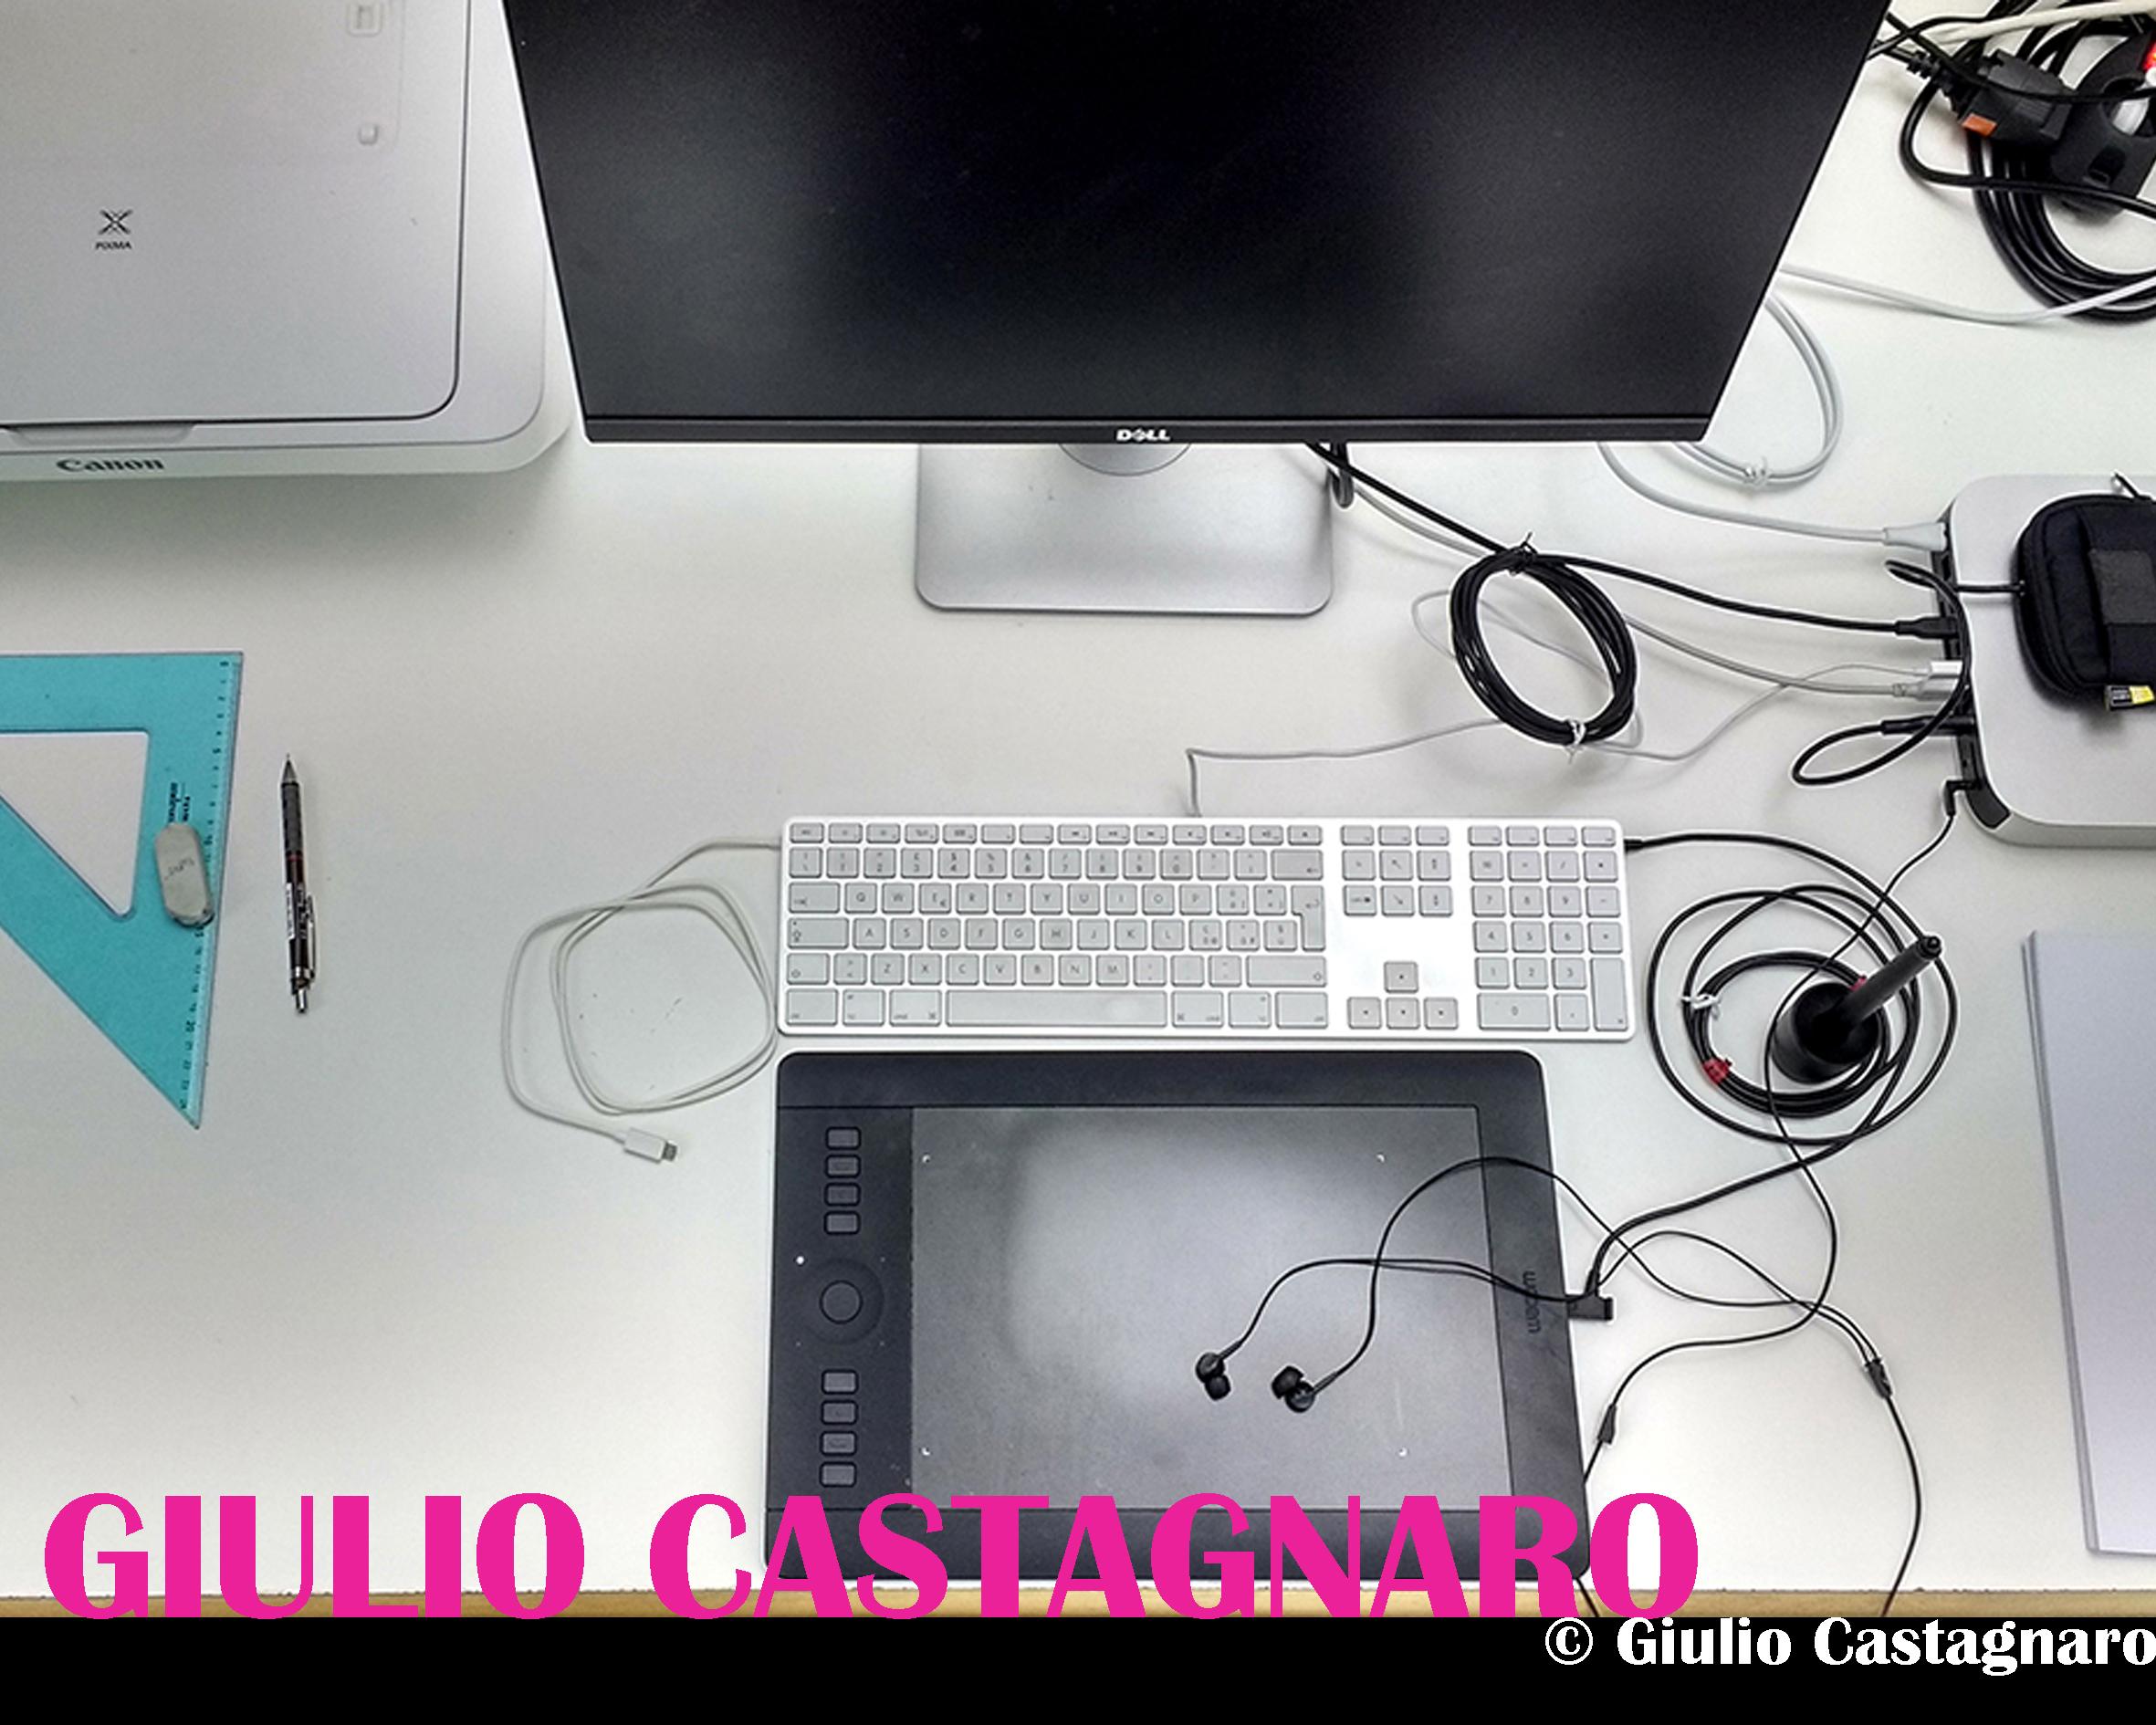 Giulio Castagnaro